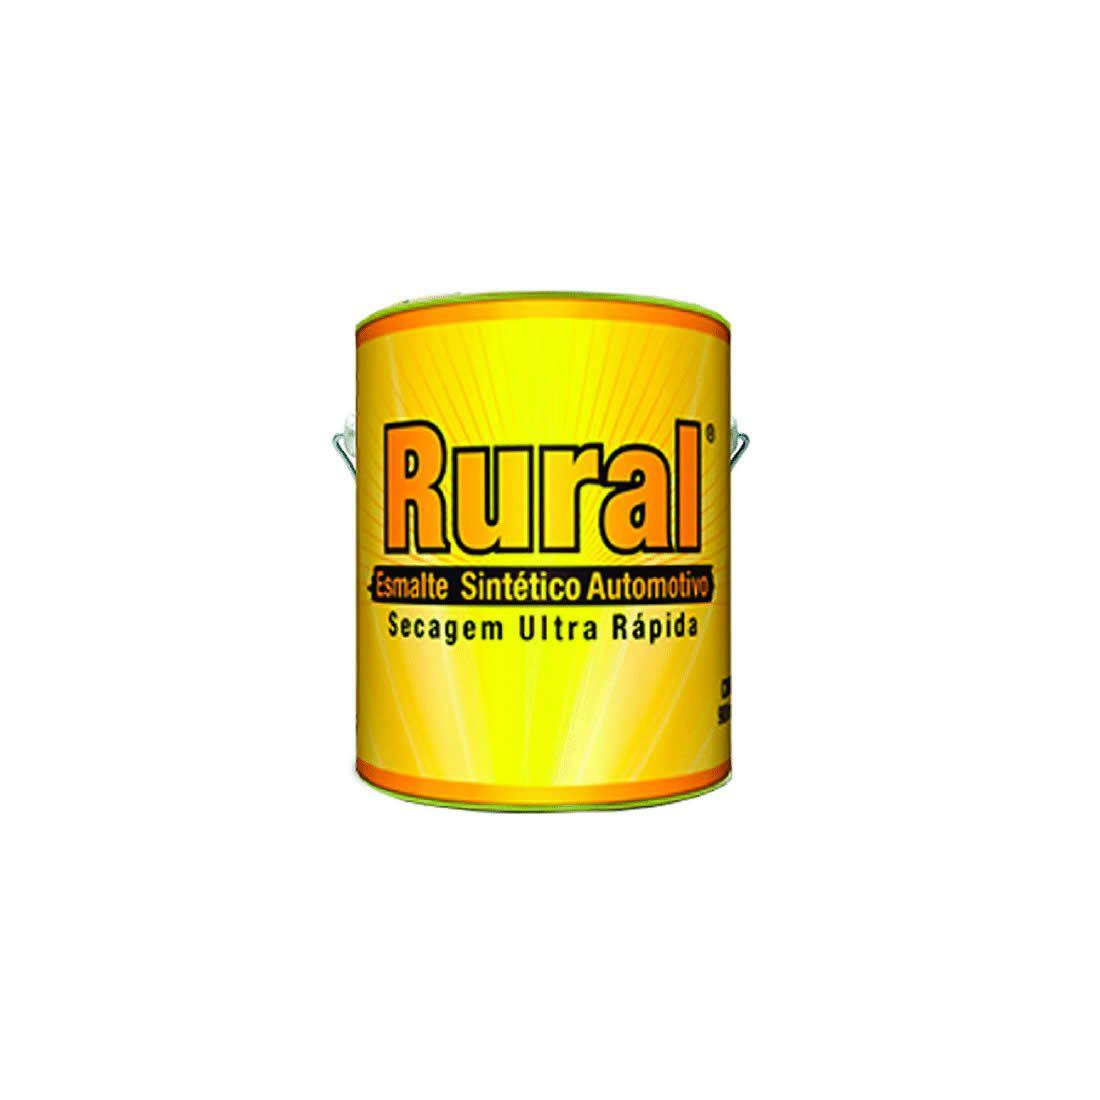 Esmalte Sintético Rural Secagem Ultra Rápido Ouro Villa Rica Metalizado 3,6Lt